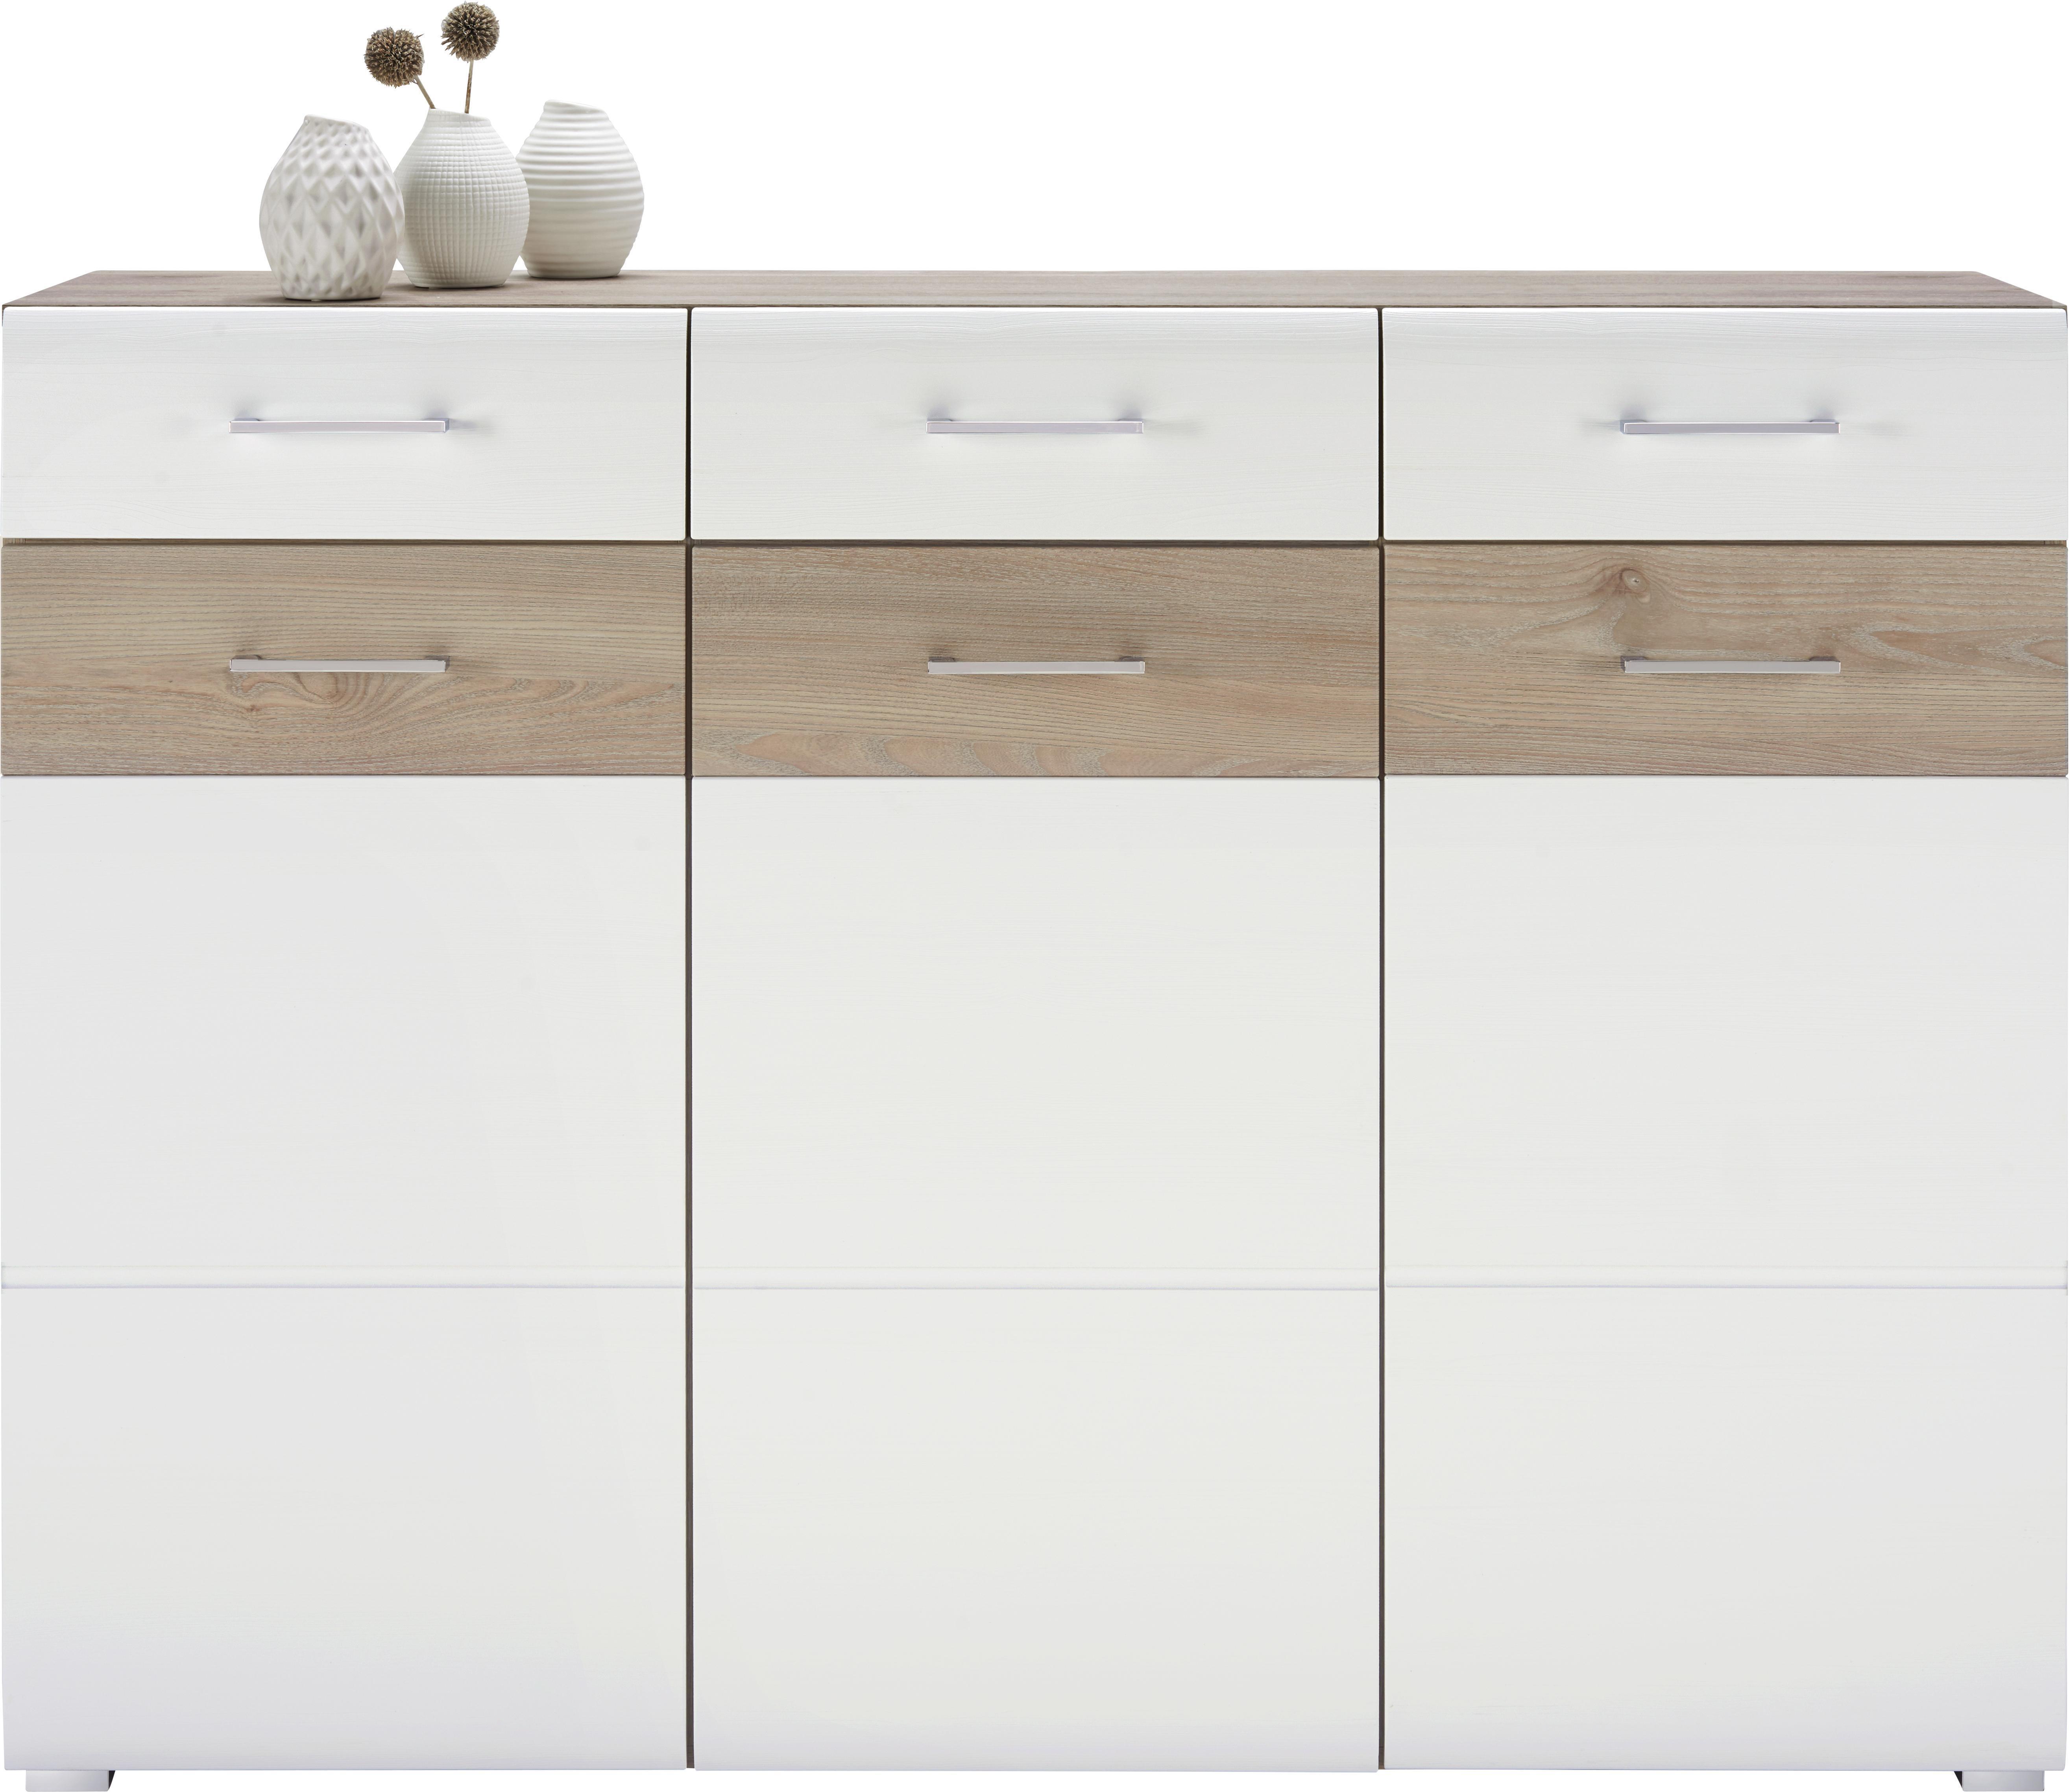 Mömax Badezimmer Schrank: Sideboard Silbereiche/Weiß Online Kaufen Mömax